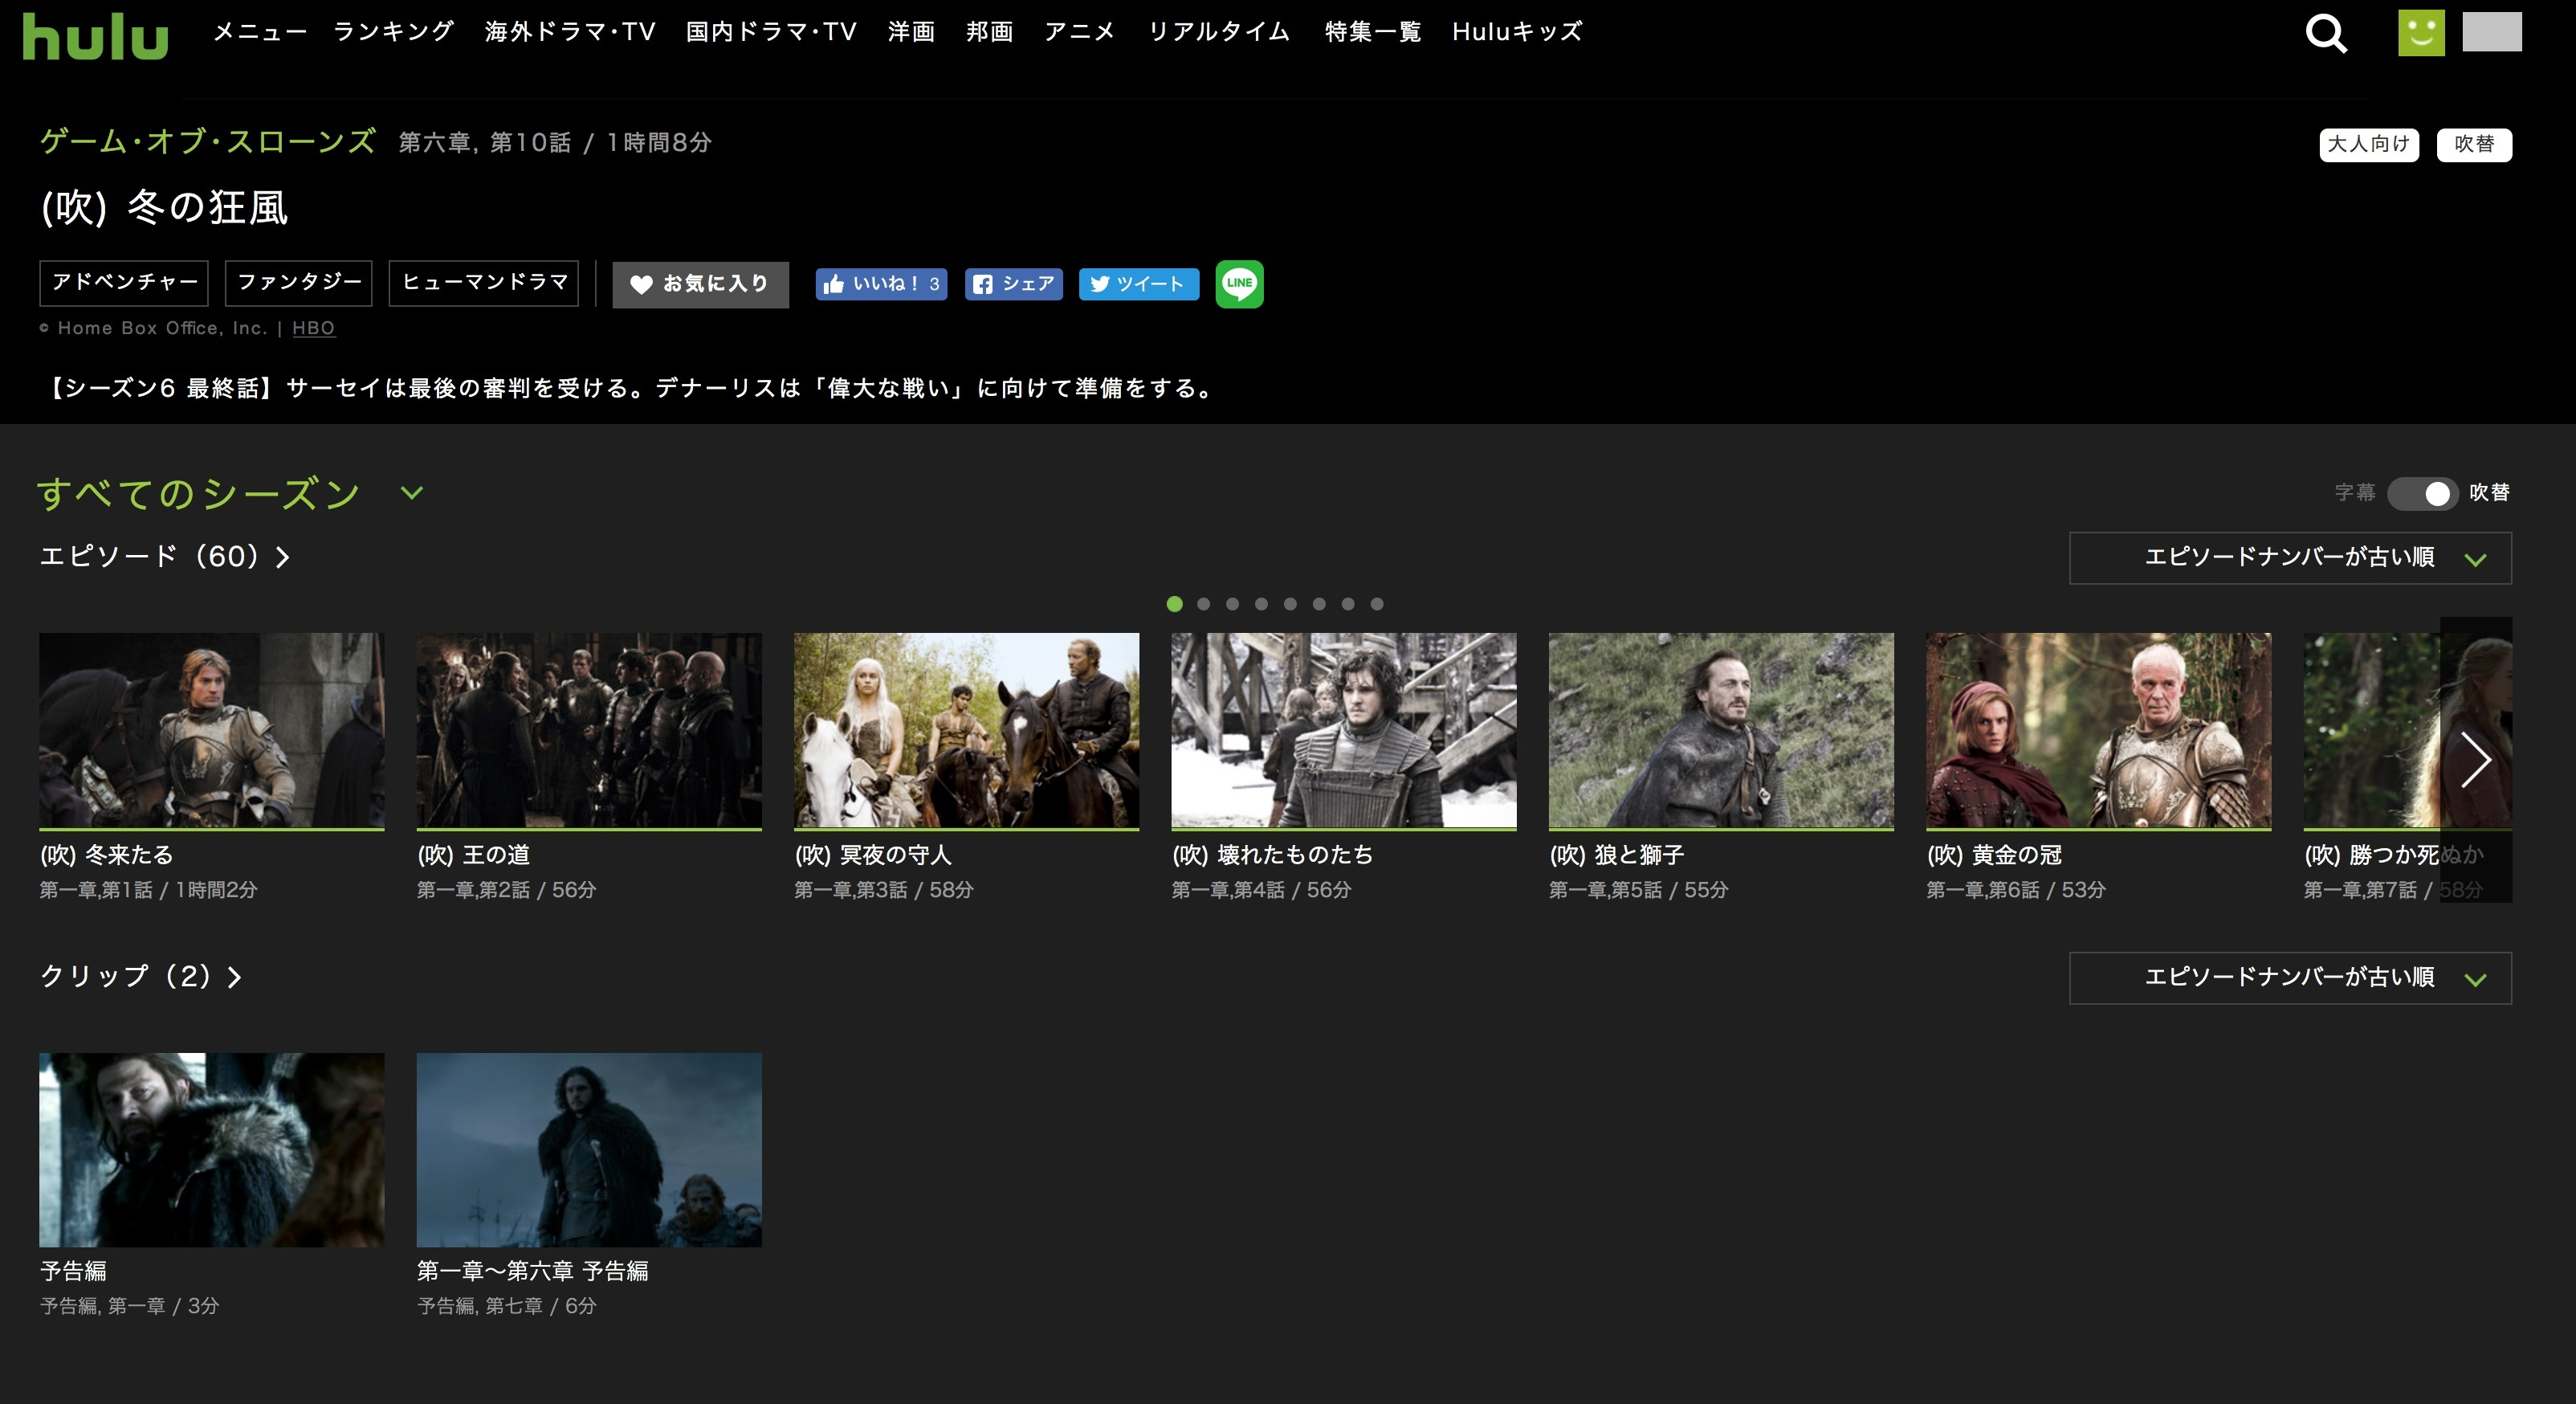 1注目Hulu